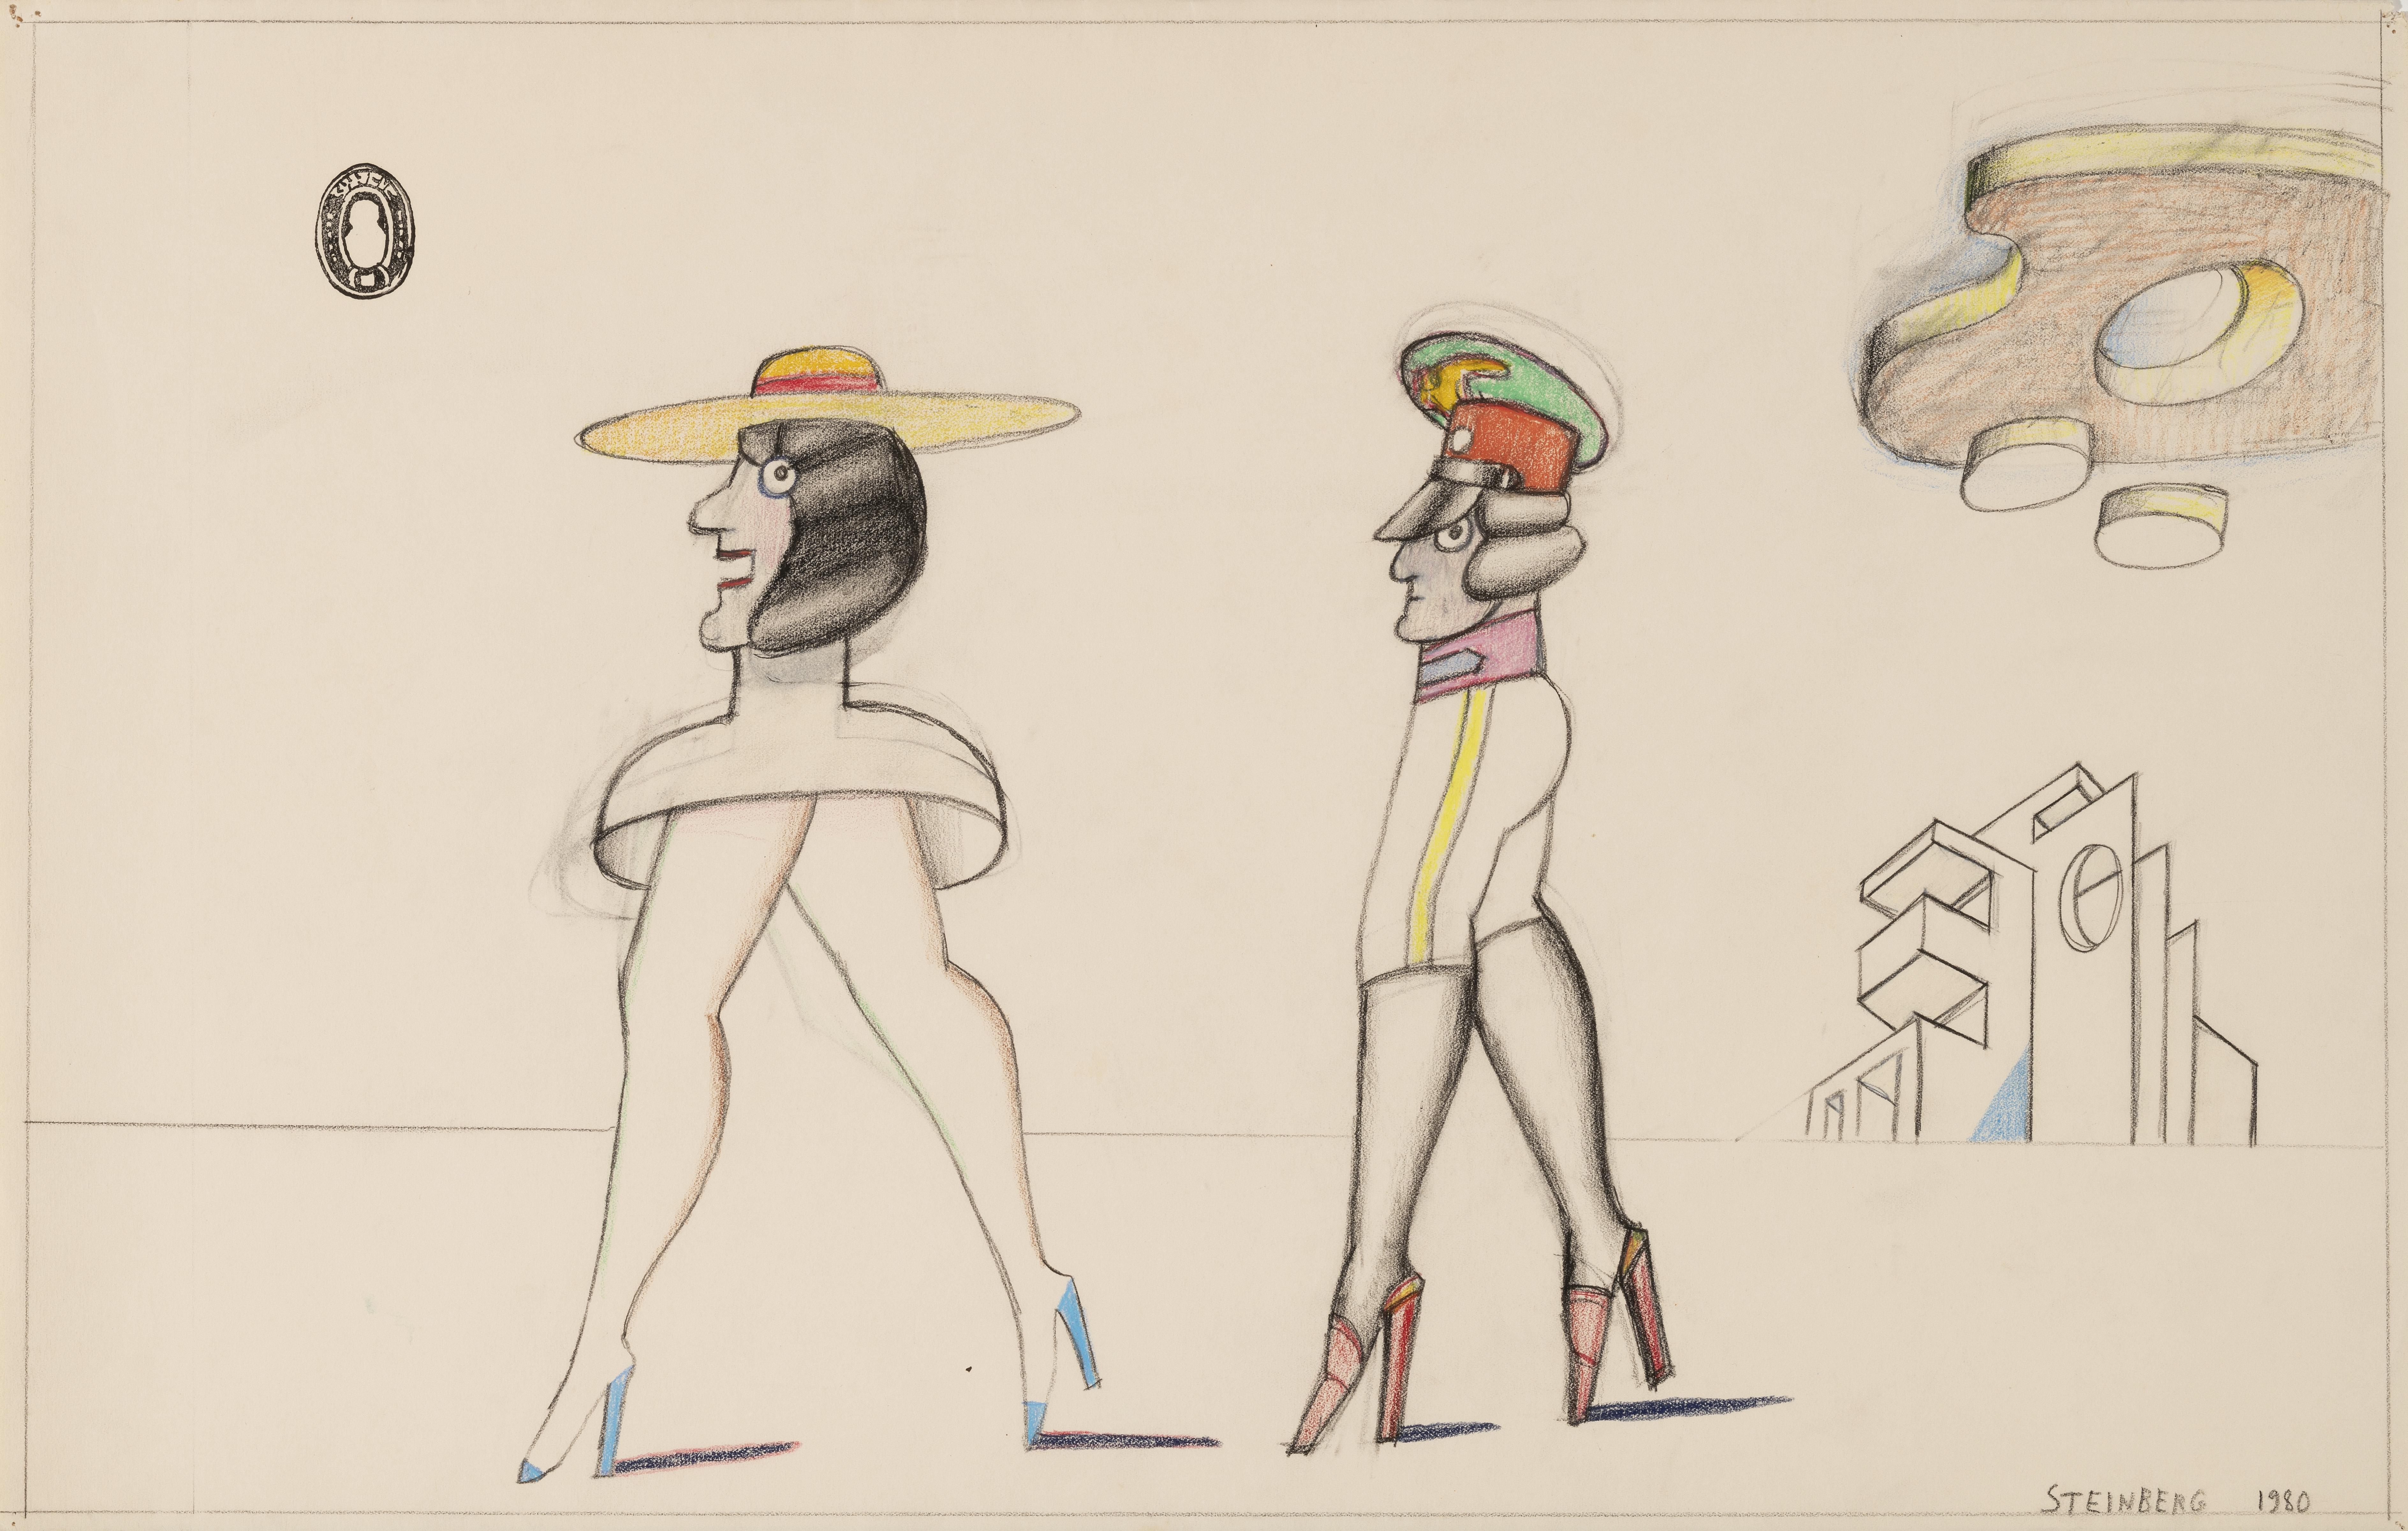 Saul Steinberg, Untitled, 1980